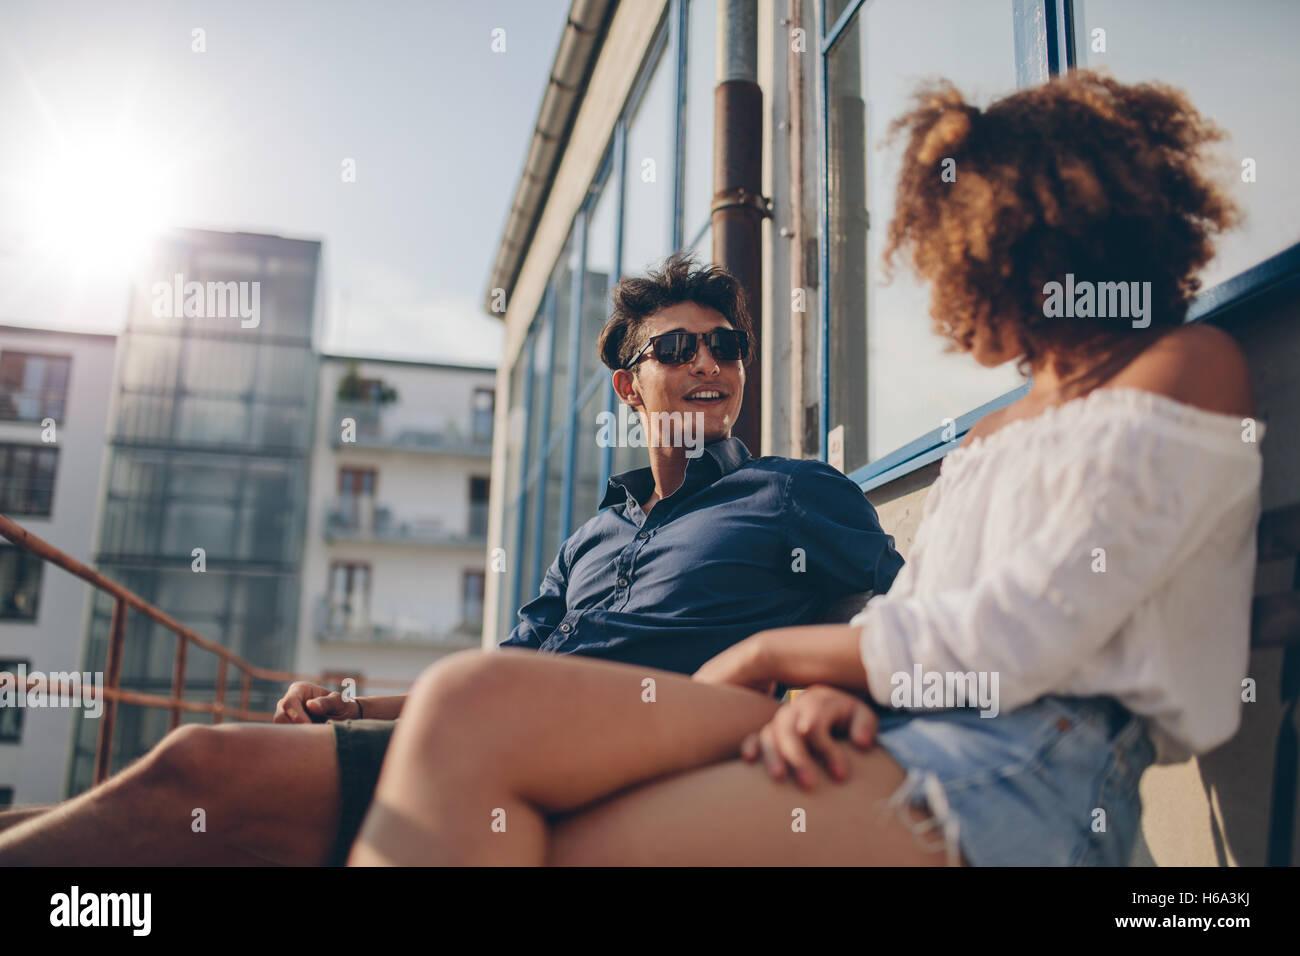 Giovane uomo e donna seduti in balcone e parlare. Coppia giovane trascorrere del tempo di qualità insieme. Immagini Stock